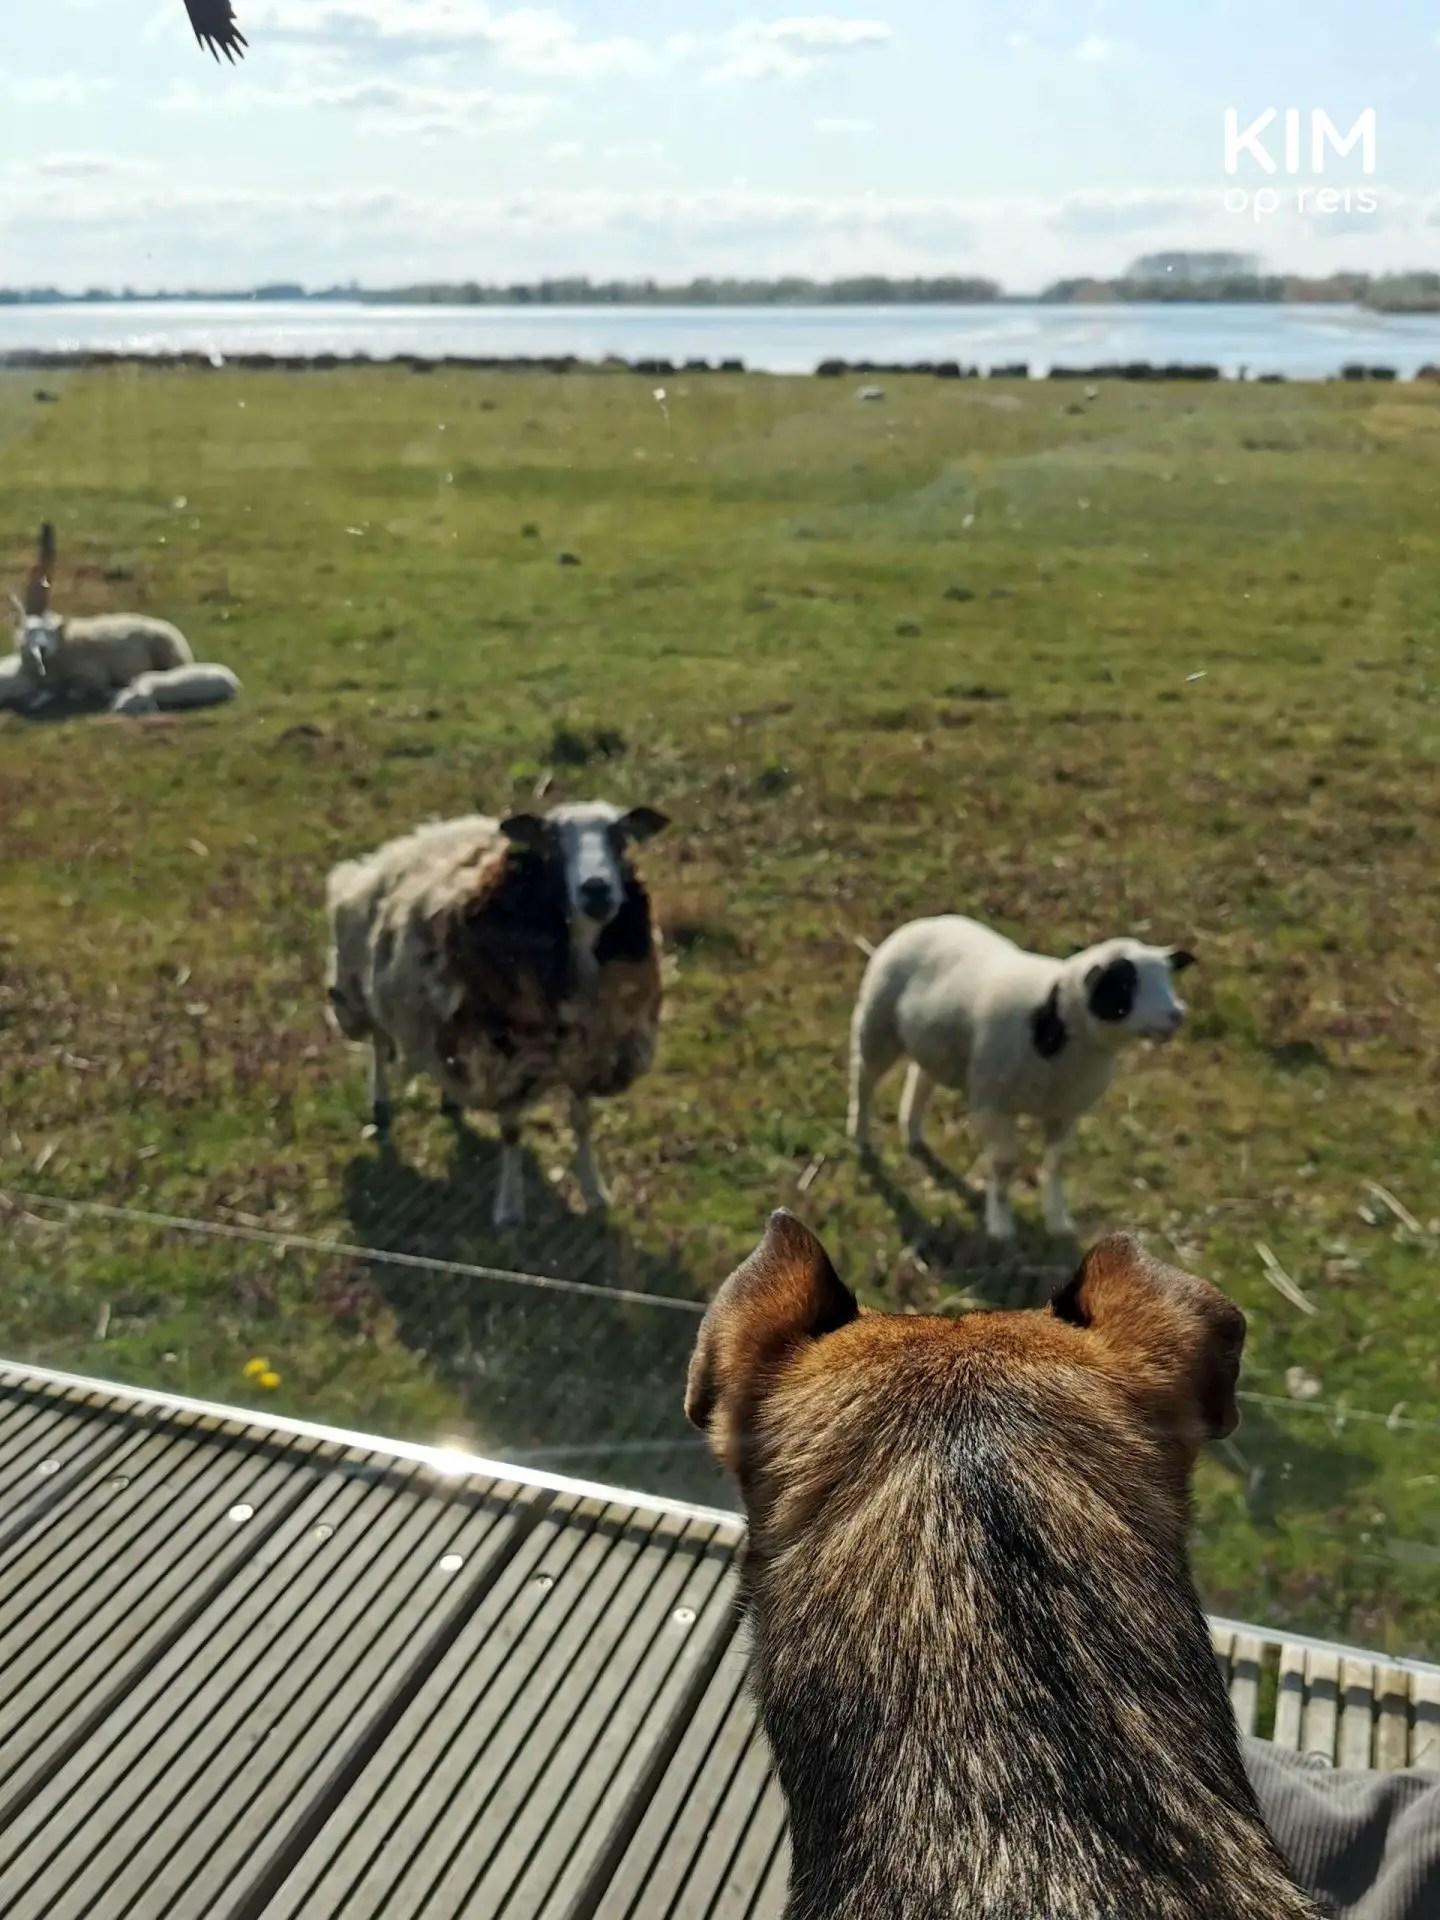 Schapen Biesbosch verblijf: hond kijkt door het glas naar de schapen in de wei